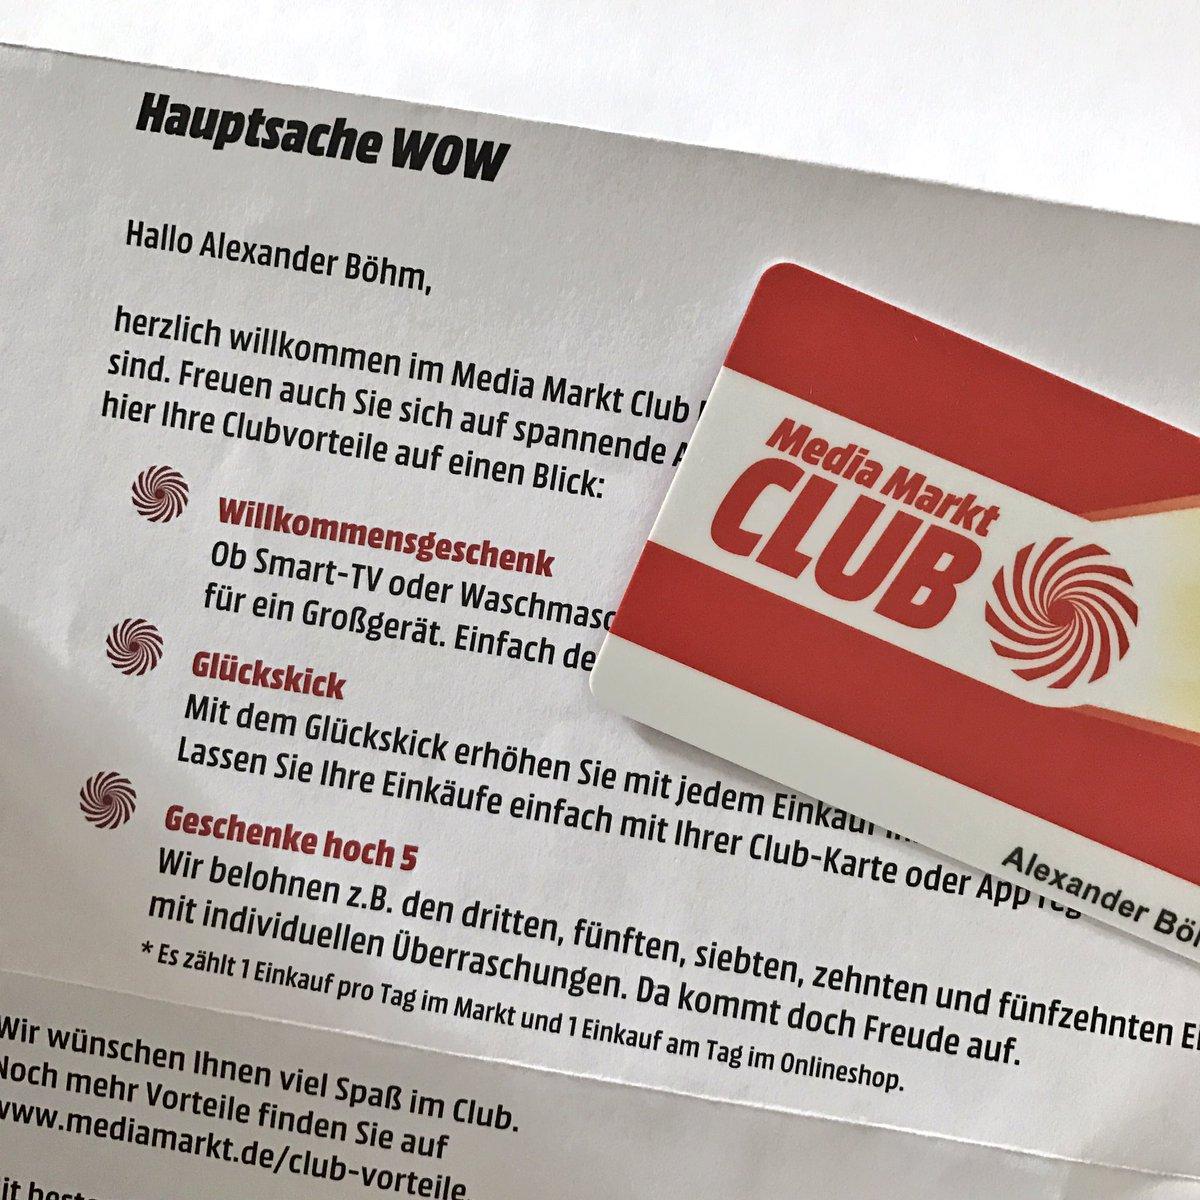 Media Markt Club Karte Geschenke.Janekrich On Twitter Jep Media Saturn Und Das Wiederrum